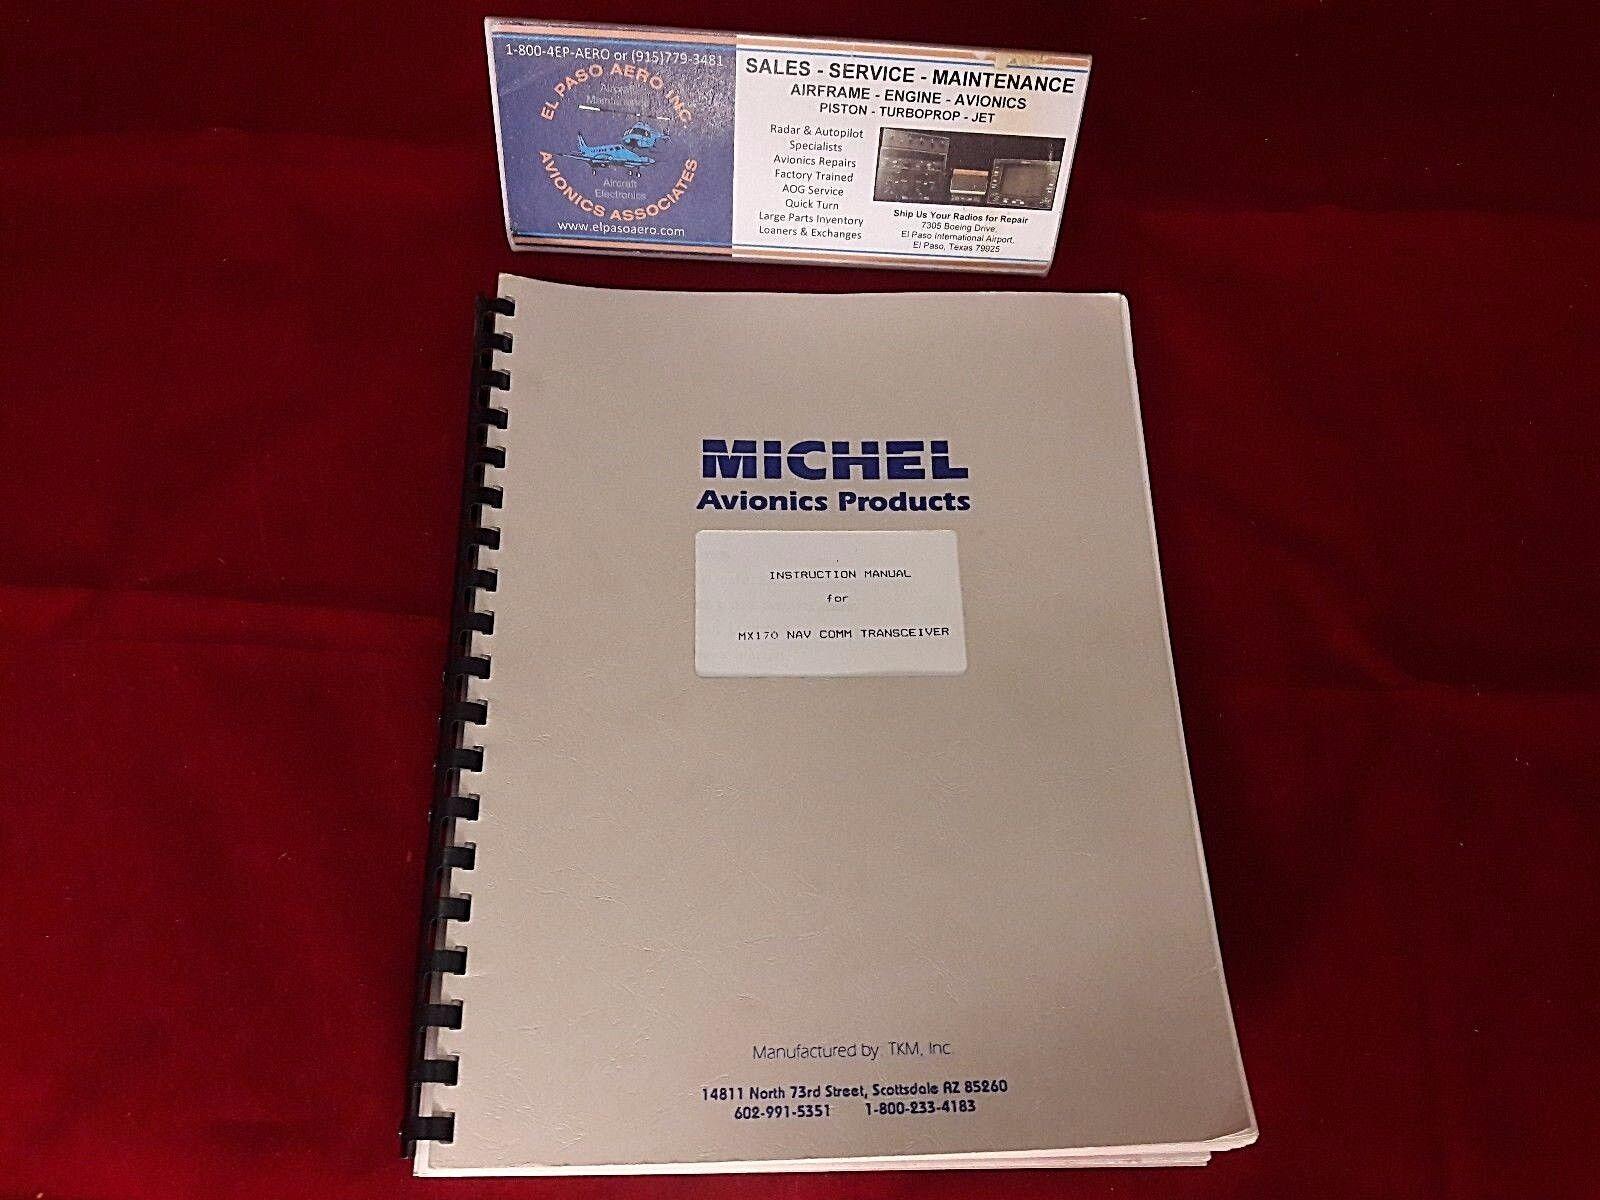 Michel MX170 NAV/COM Instruction Manual 5-22-85 REV 1 $100